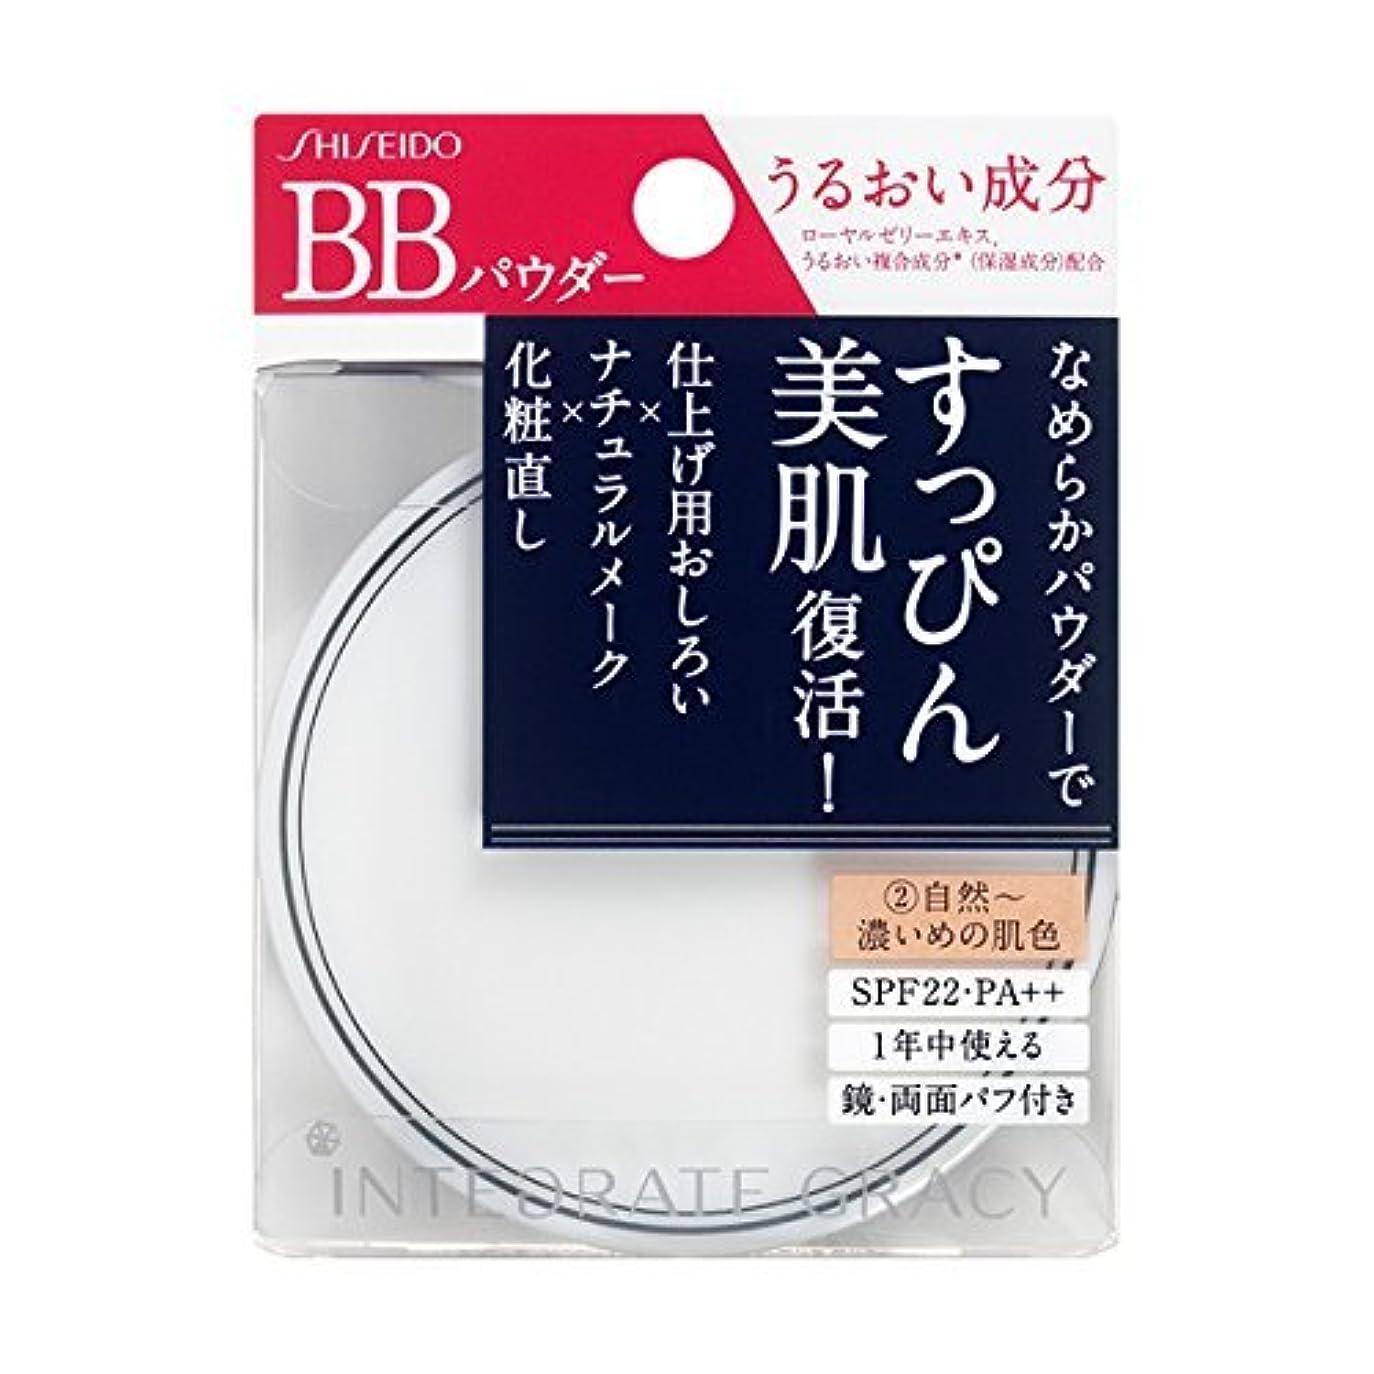 突撃ベギン講義インテグレート グレイシィ エッセンスパウダーBB 2 8g ×6個